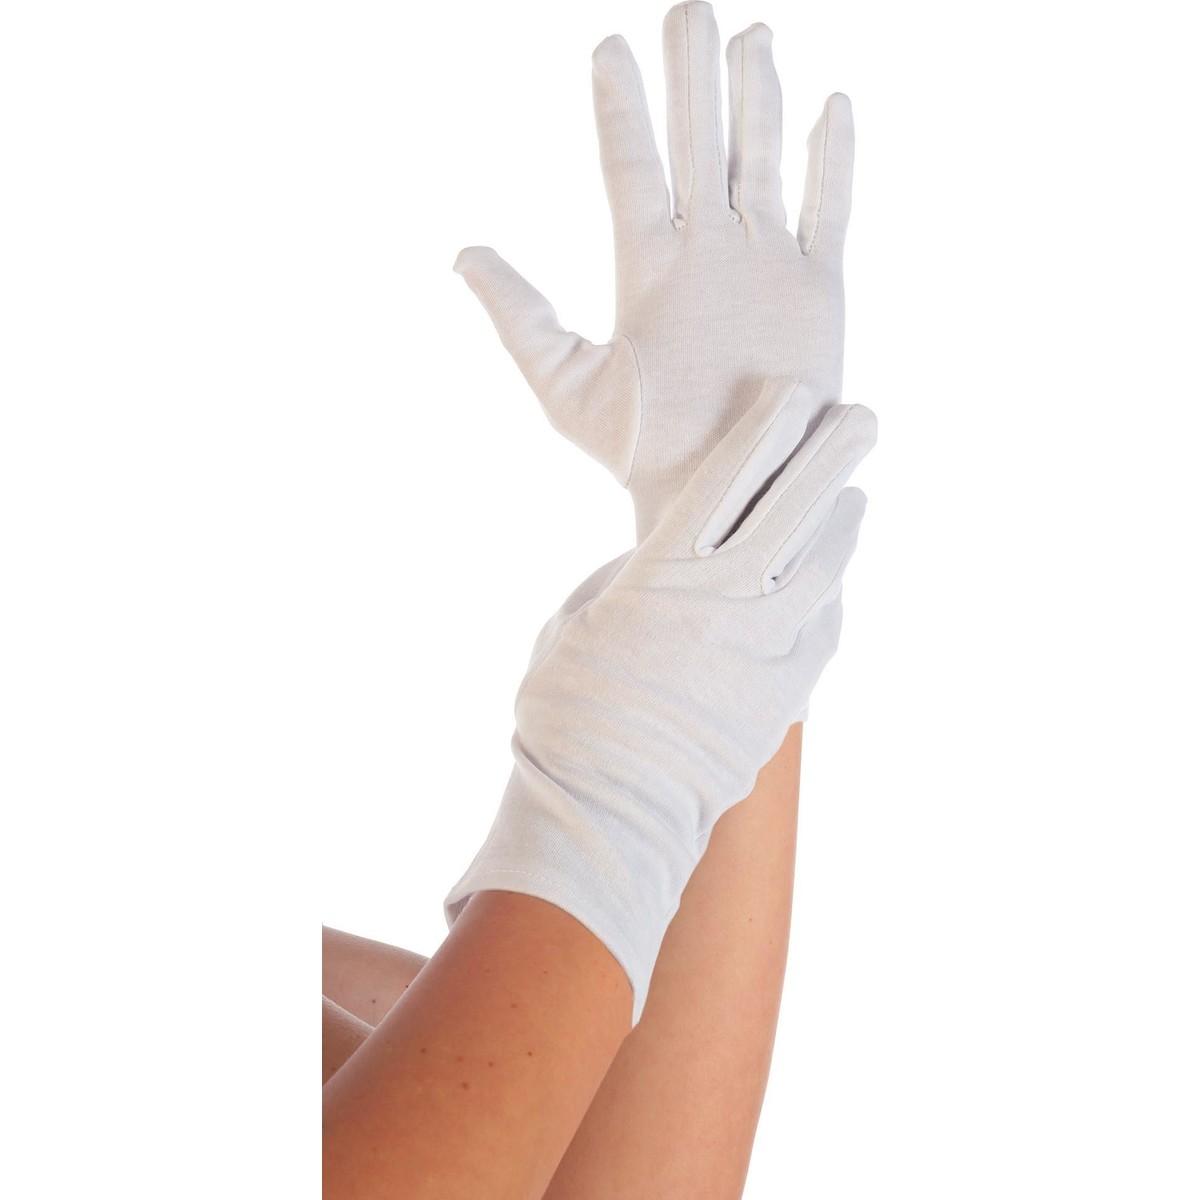 Baumwollhandschuh weiß Größe L